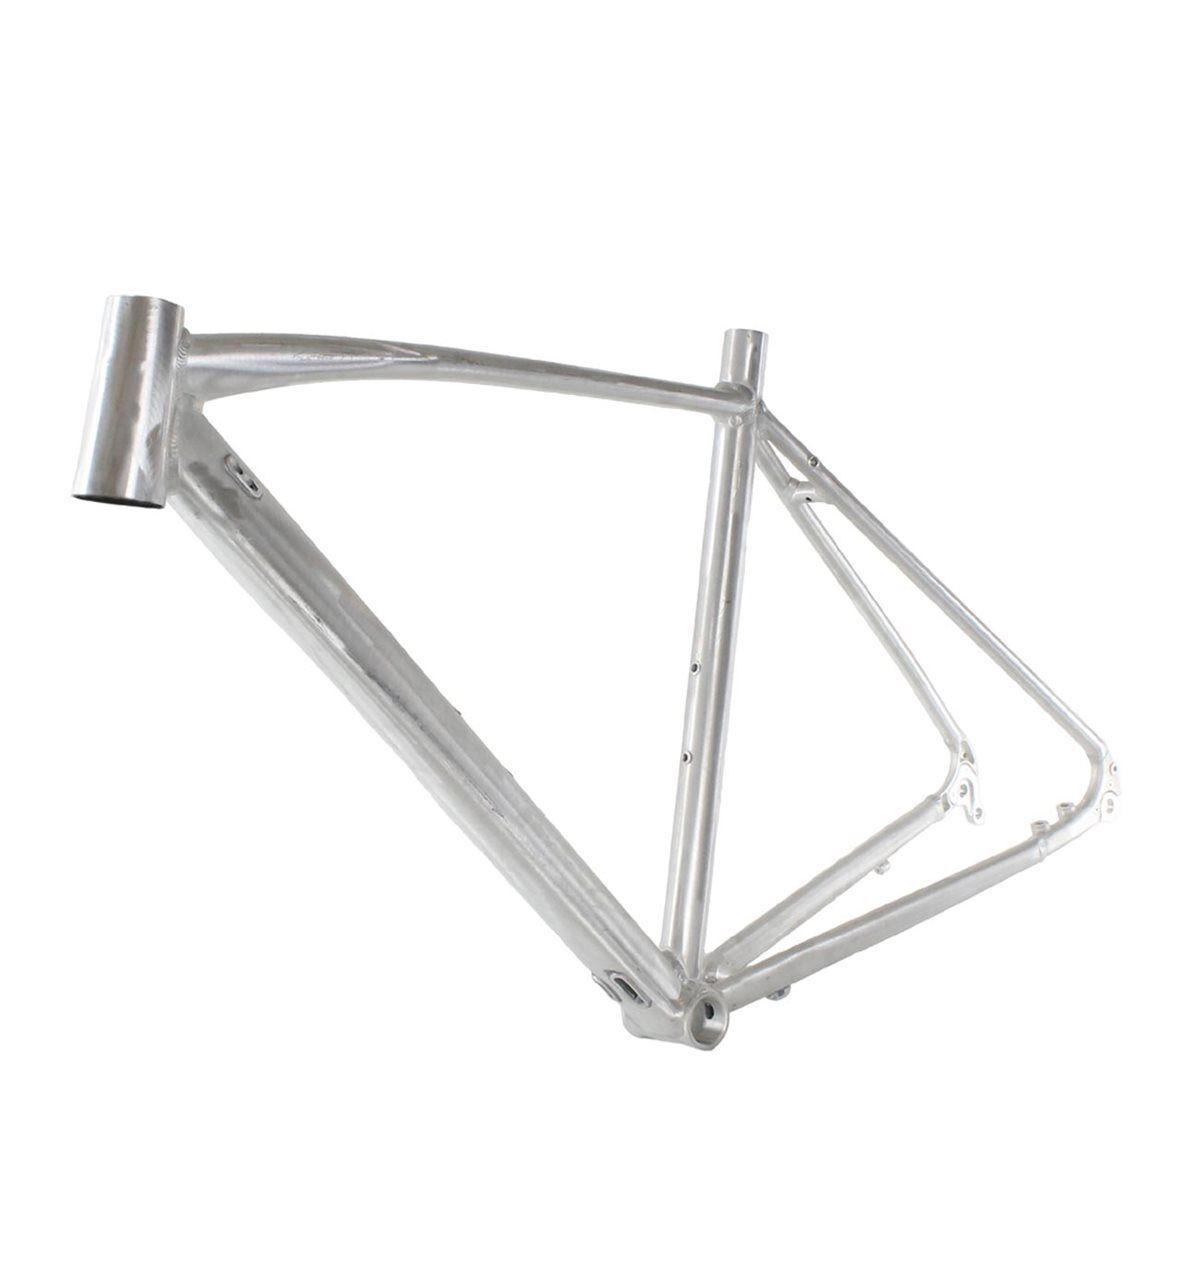 Telaio gravel alluminio bsa 68mm disco flat mount taglia 57  xxl 0045106 RIDEWI